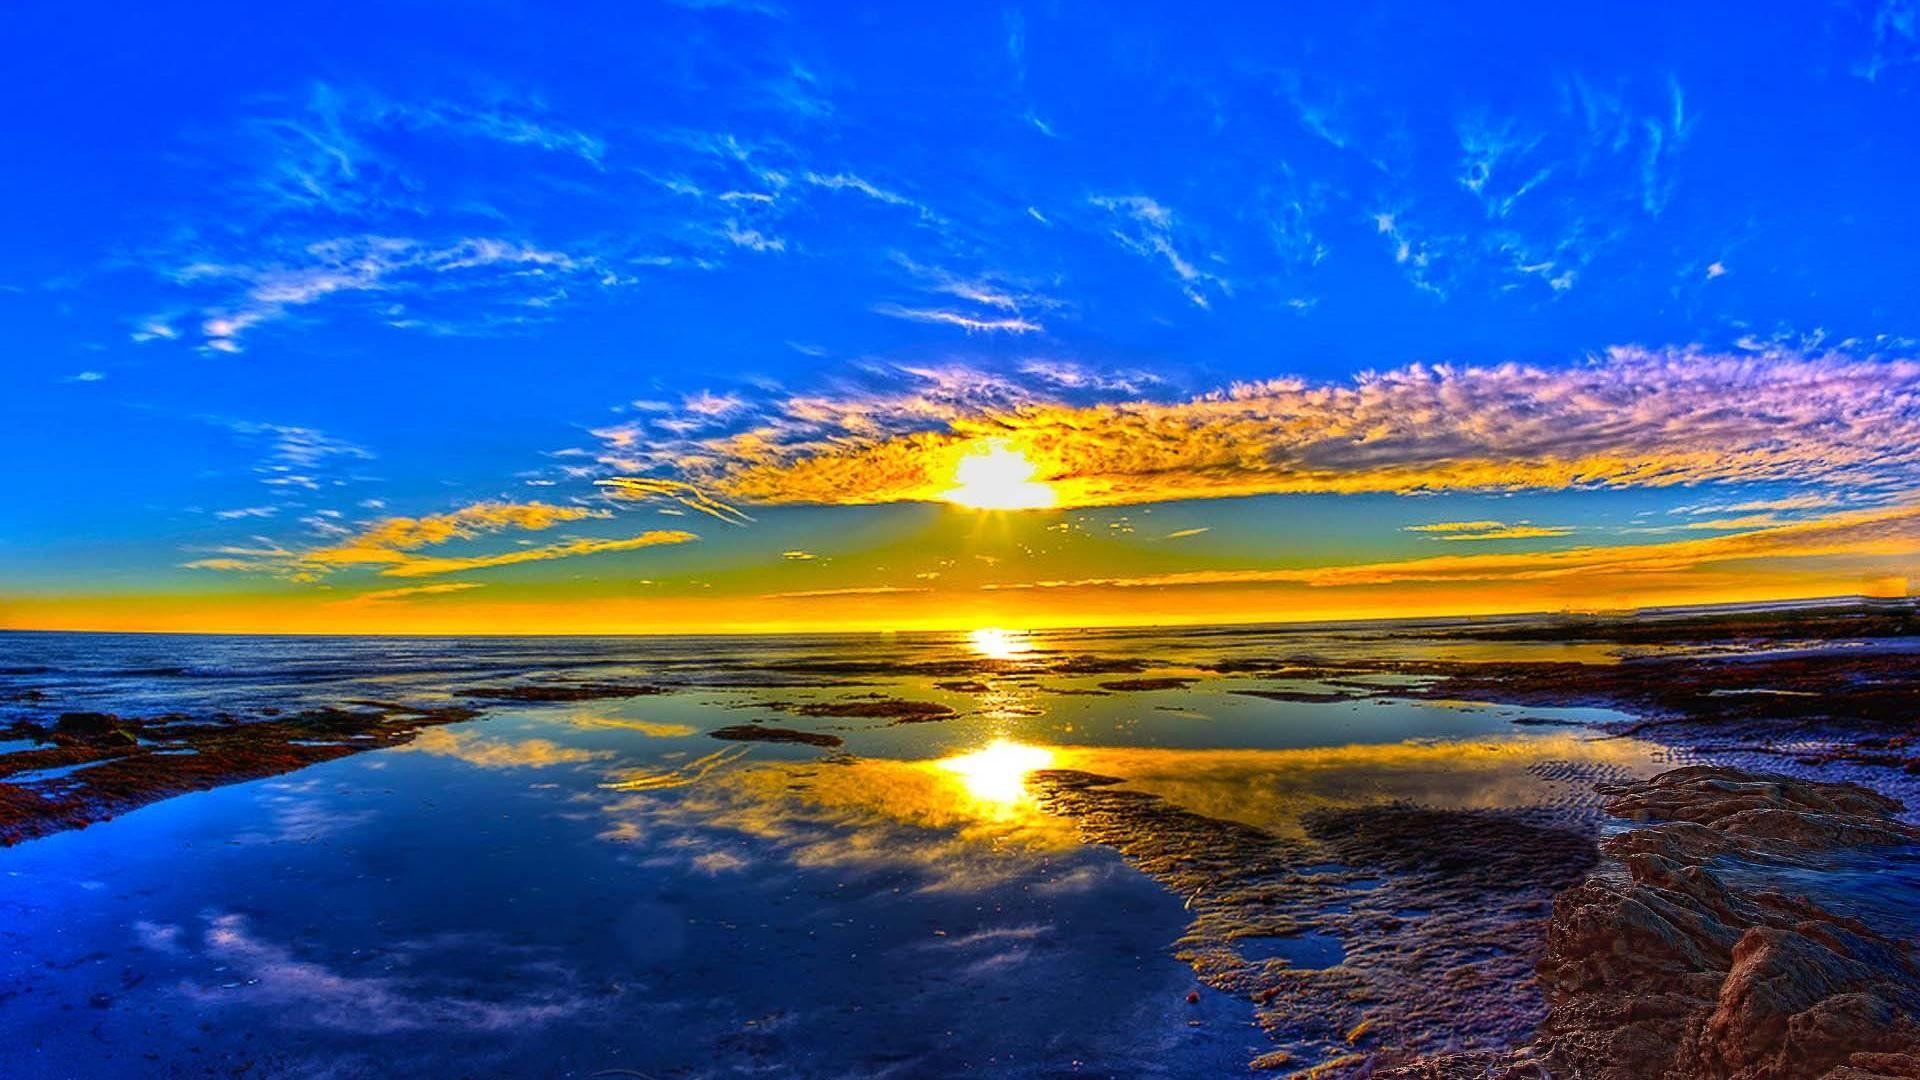 Beautiful Wallpapers Images Sea Ocean Sunrise